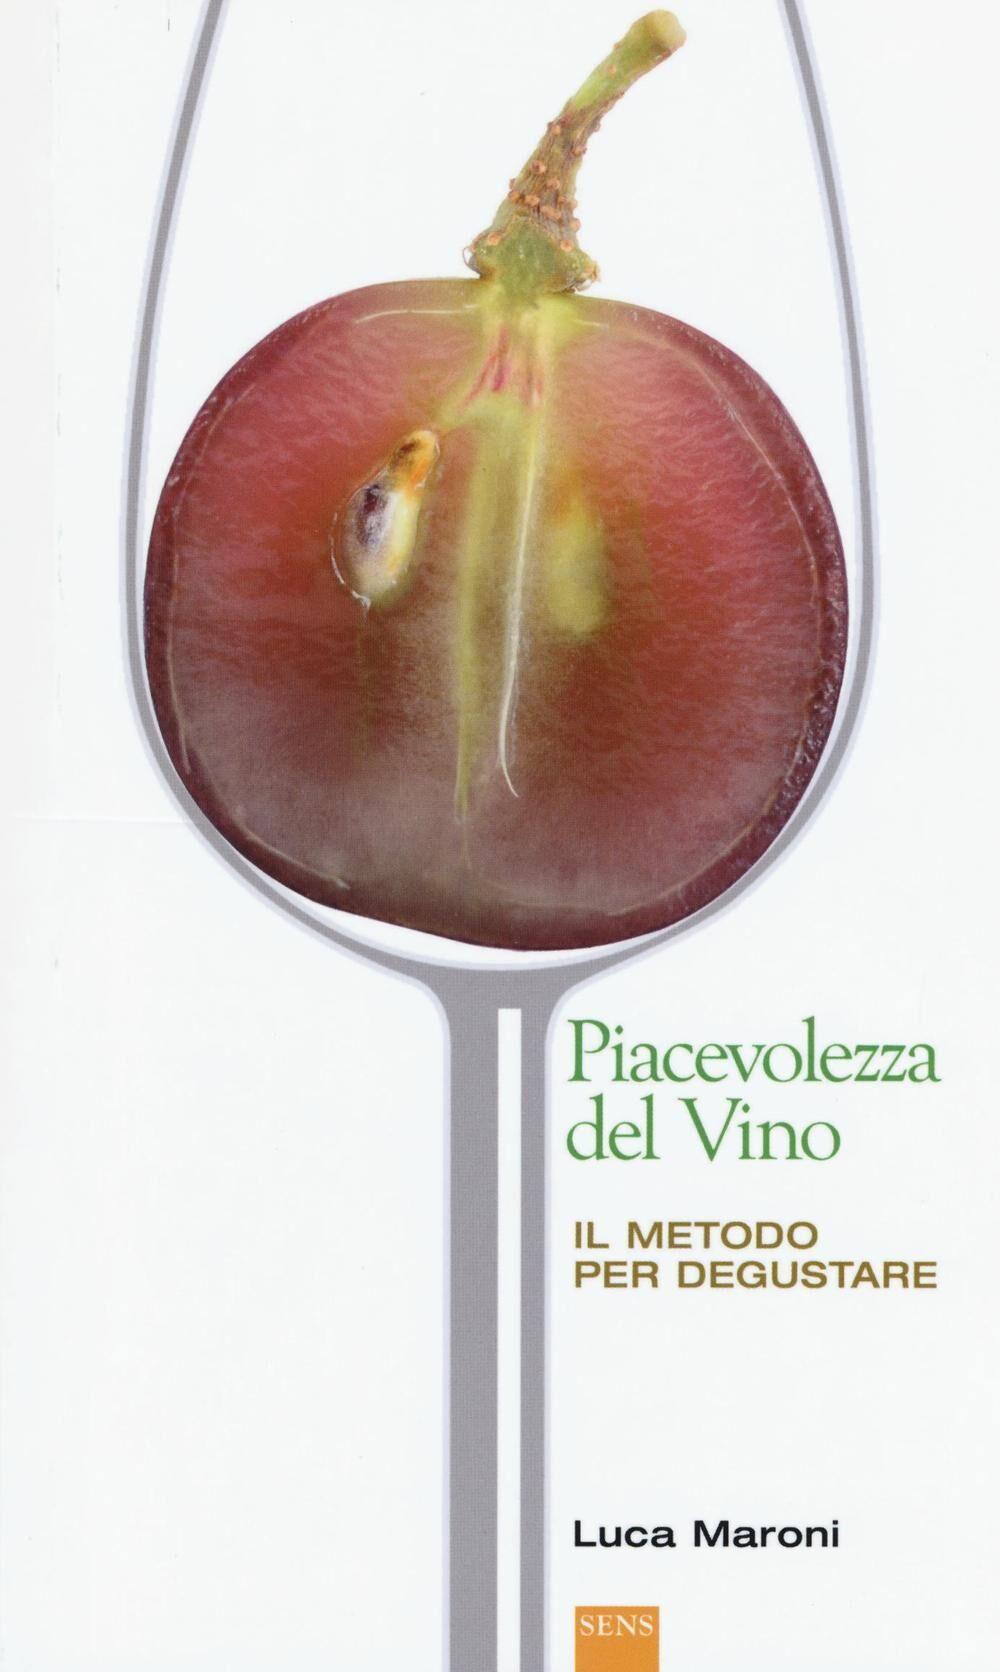 Piacevolezza del vino. Il metodo per degustare